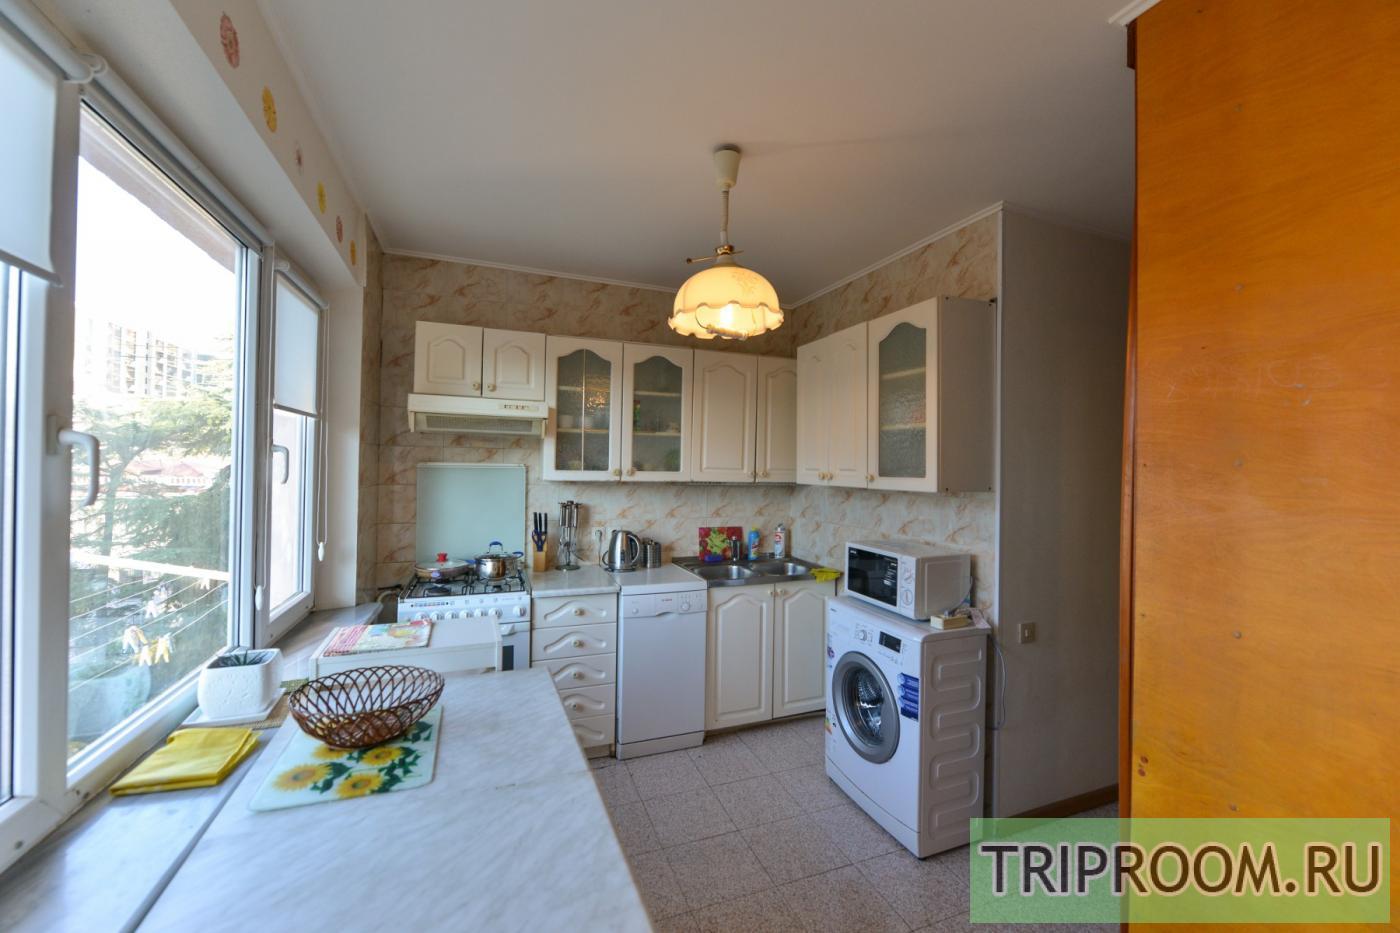 2-комнатная квартира посуточно (вариант № 6980), ул. Воровского улица, фото № 9